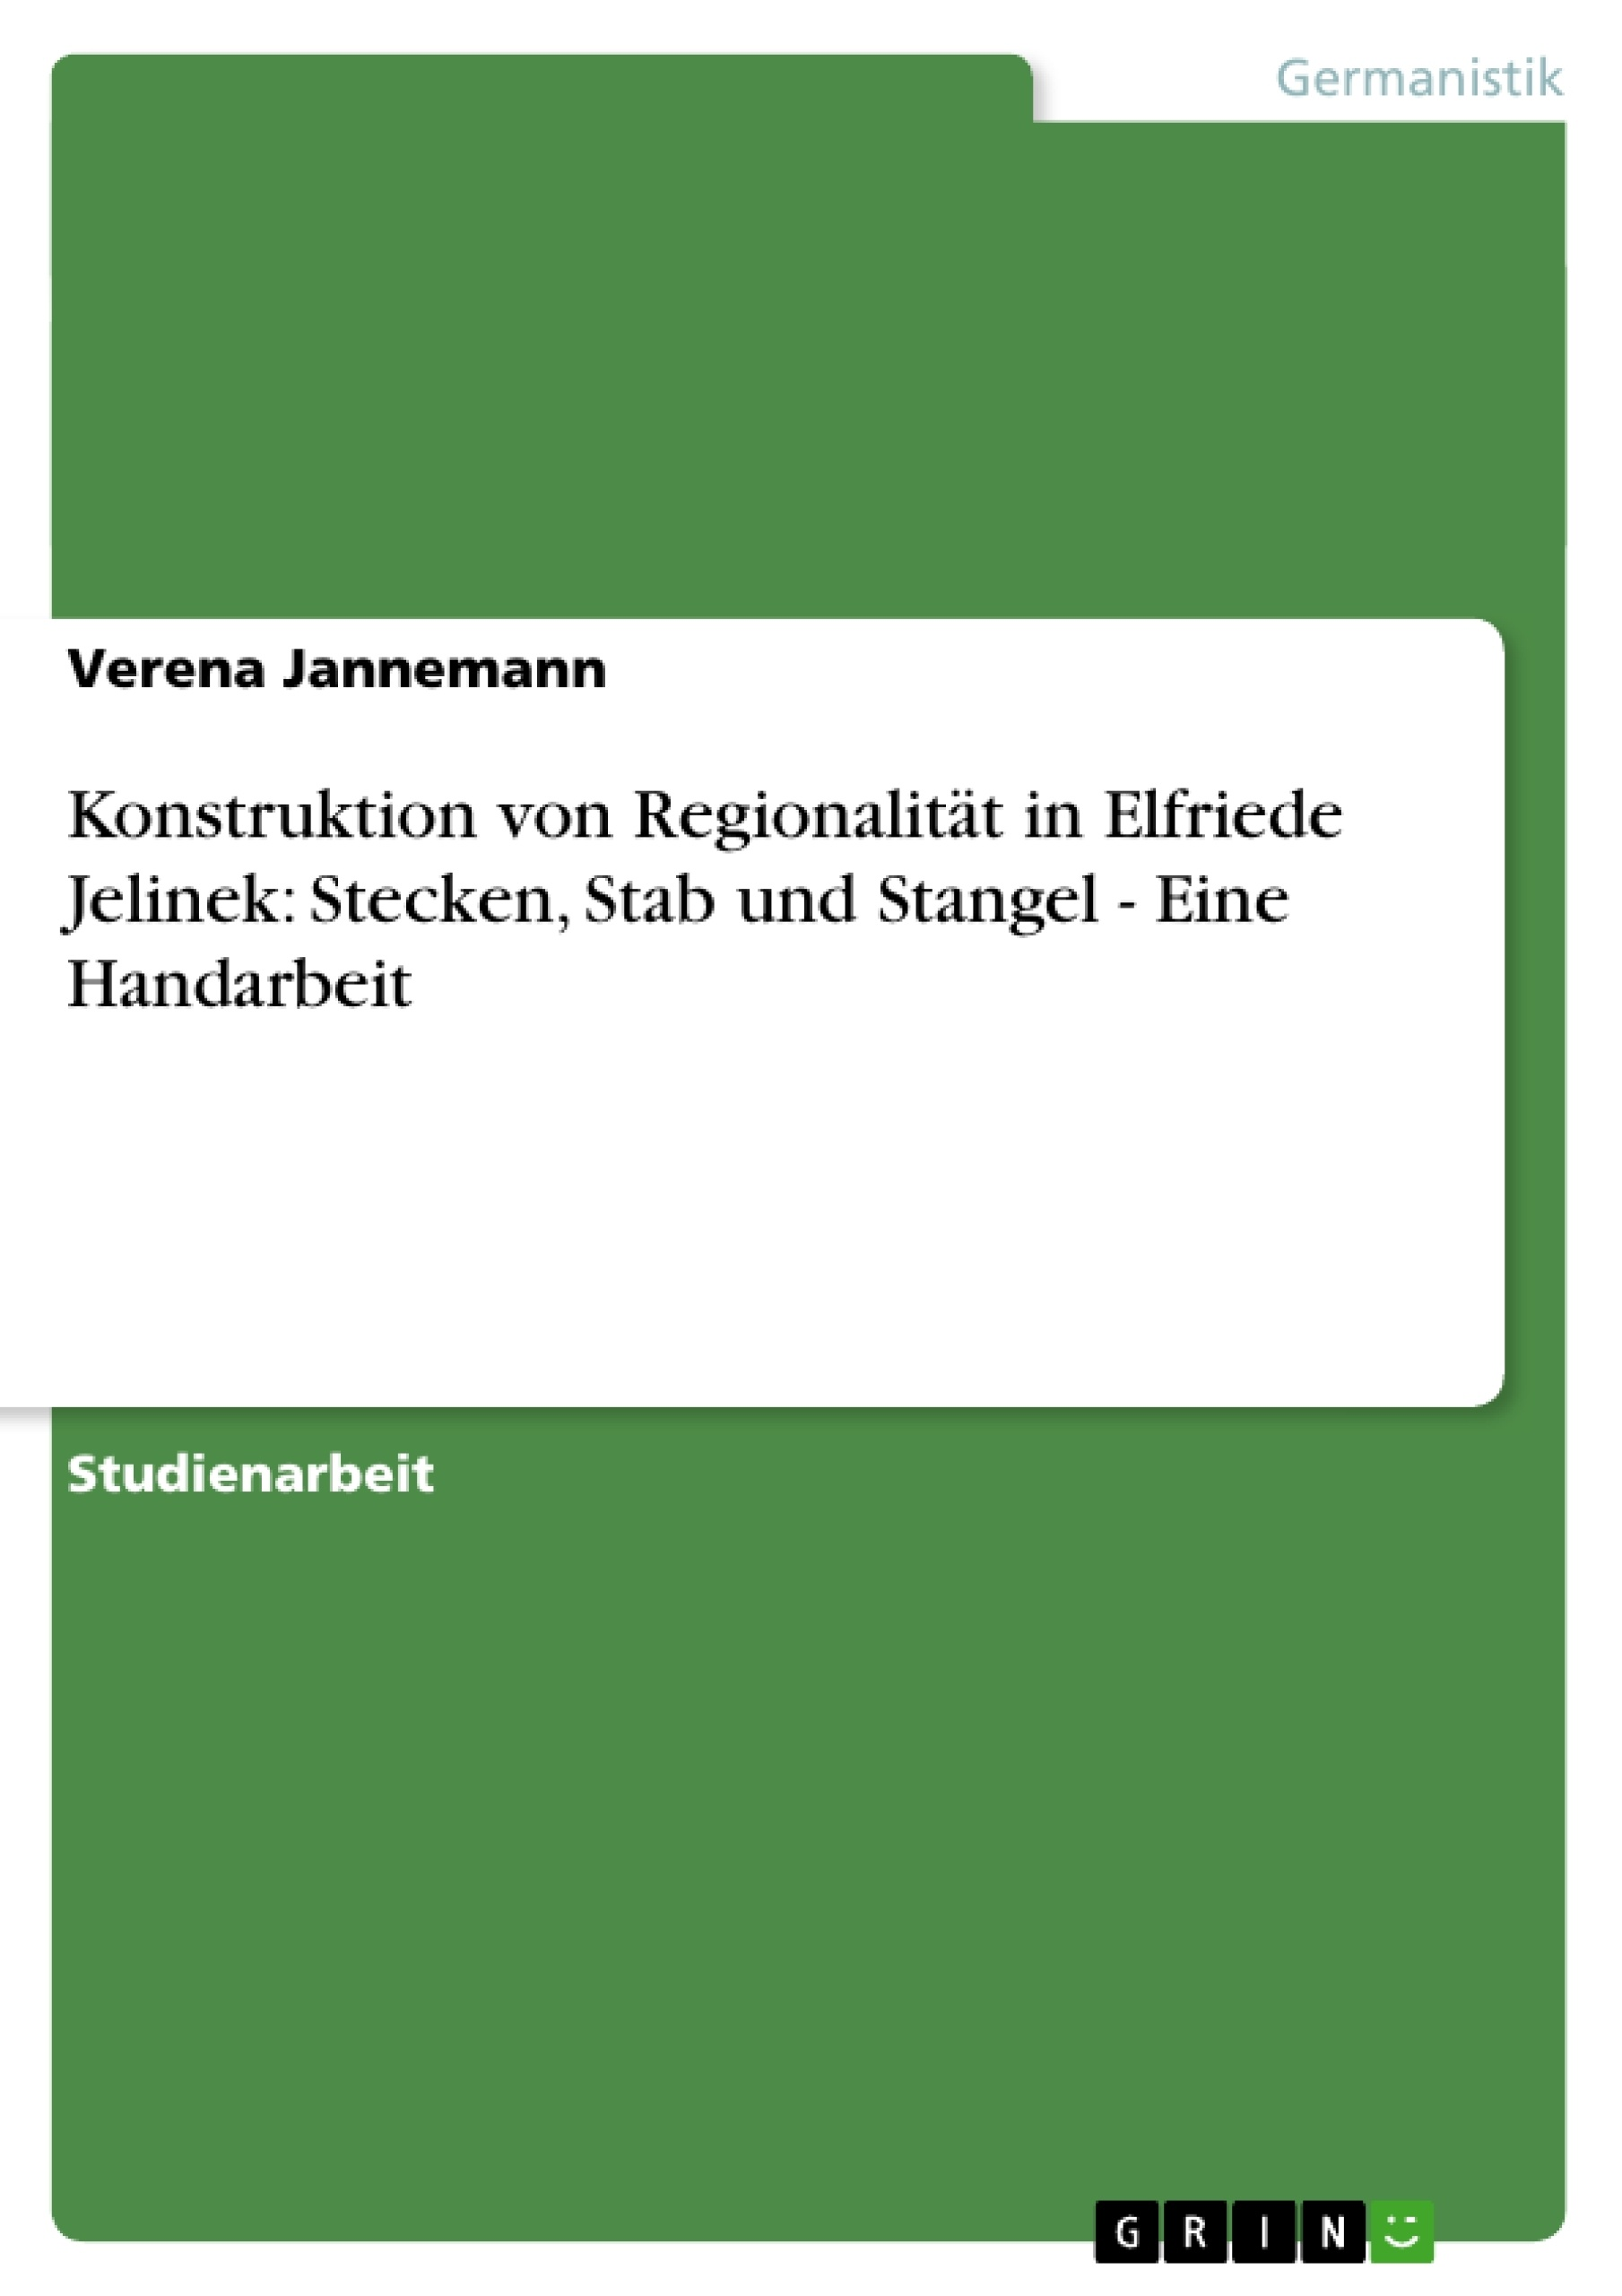 Titel: Konstruktion von Regionalität in Elfriede Jelinek: Stecken, Stab und Stangel - Eine Handarbeit